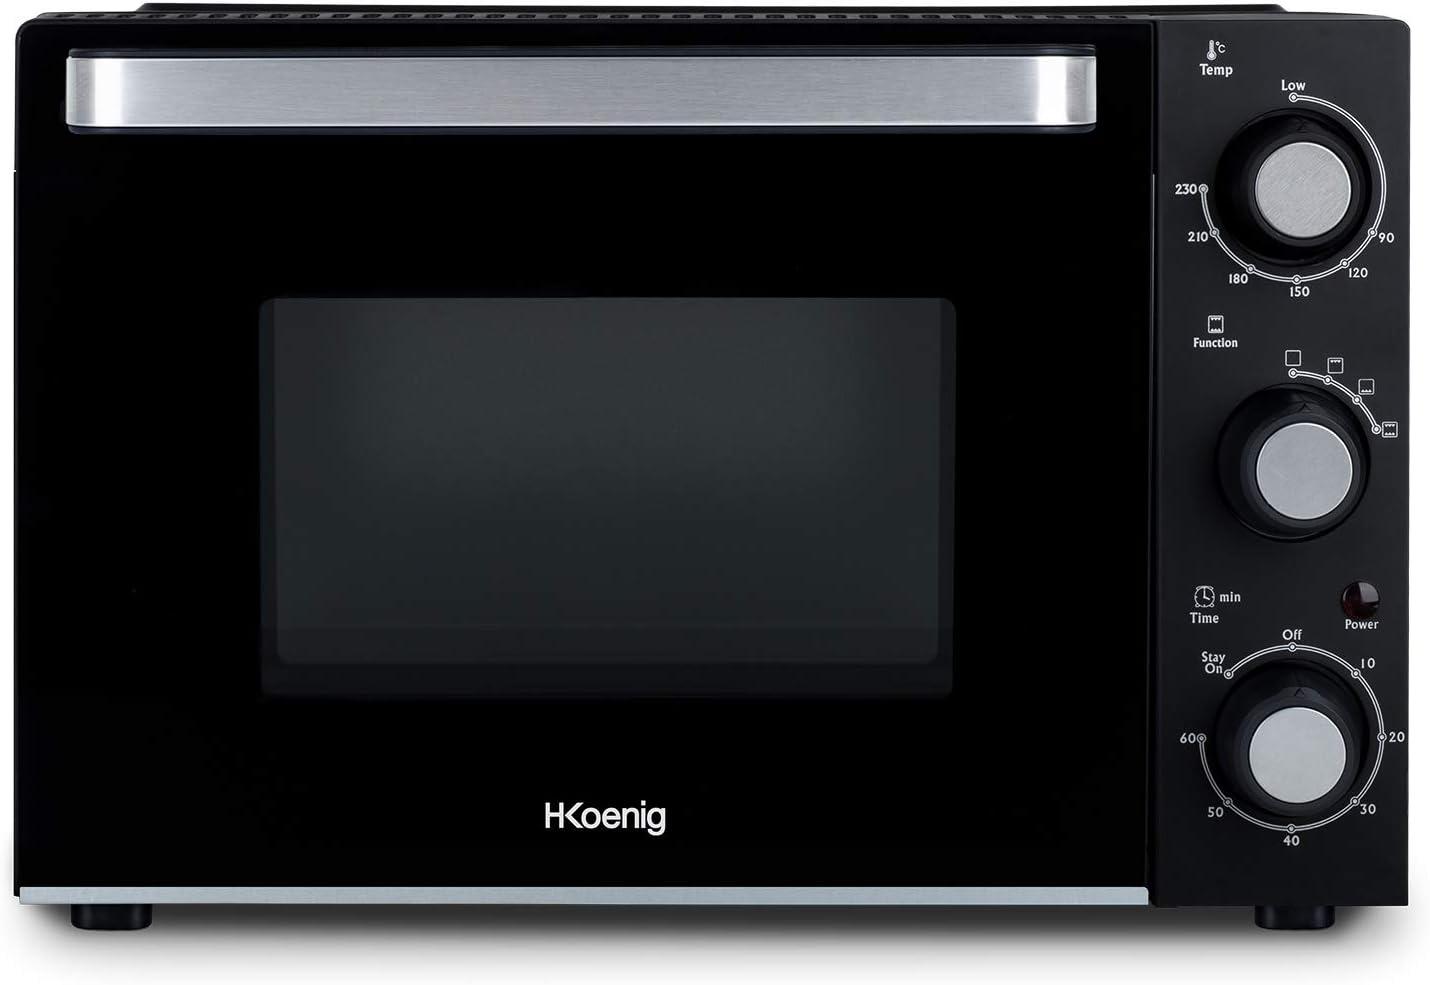 H.Koenig FO20 Horno Eléctrico Sobremesa, Capacidad de 20 litros, 1400 W, 4 Modos de Cocción, Luz interior, Temperatura hasta 230ºC, Tiempo hasta 60 Mins, Acero Inoxidable, Negro, Color